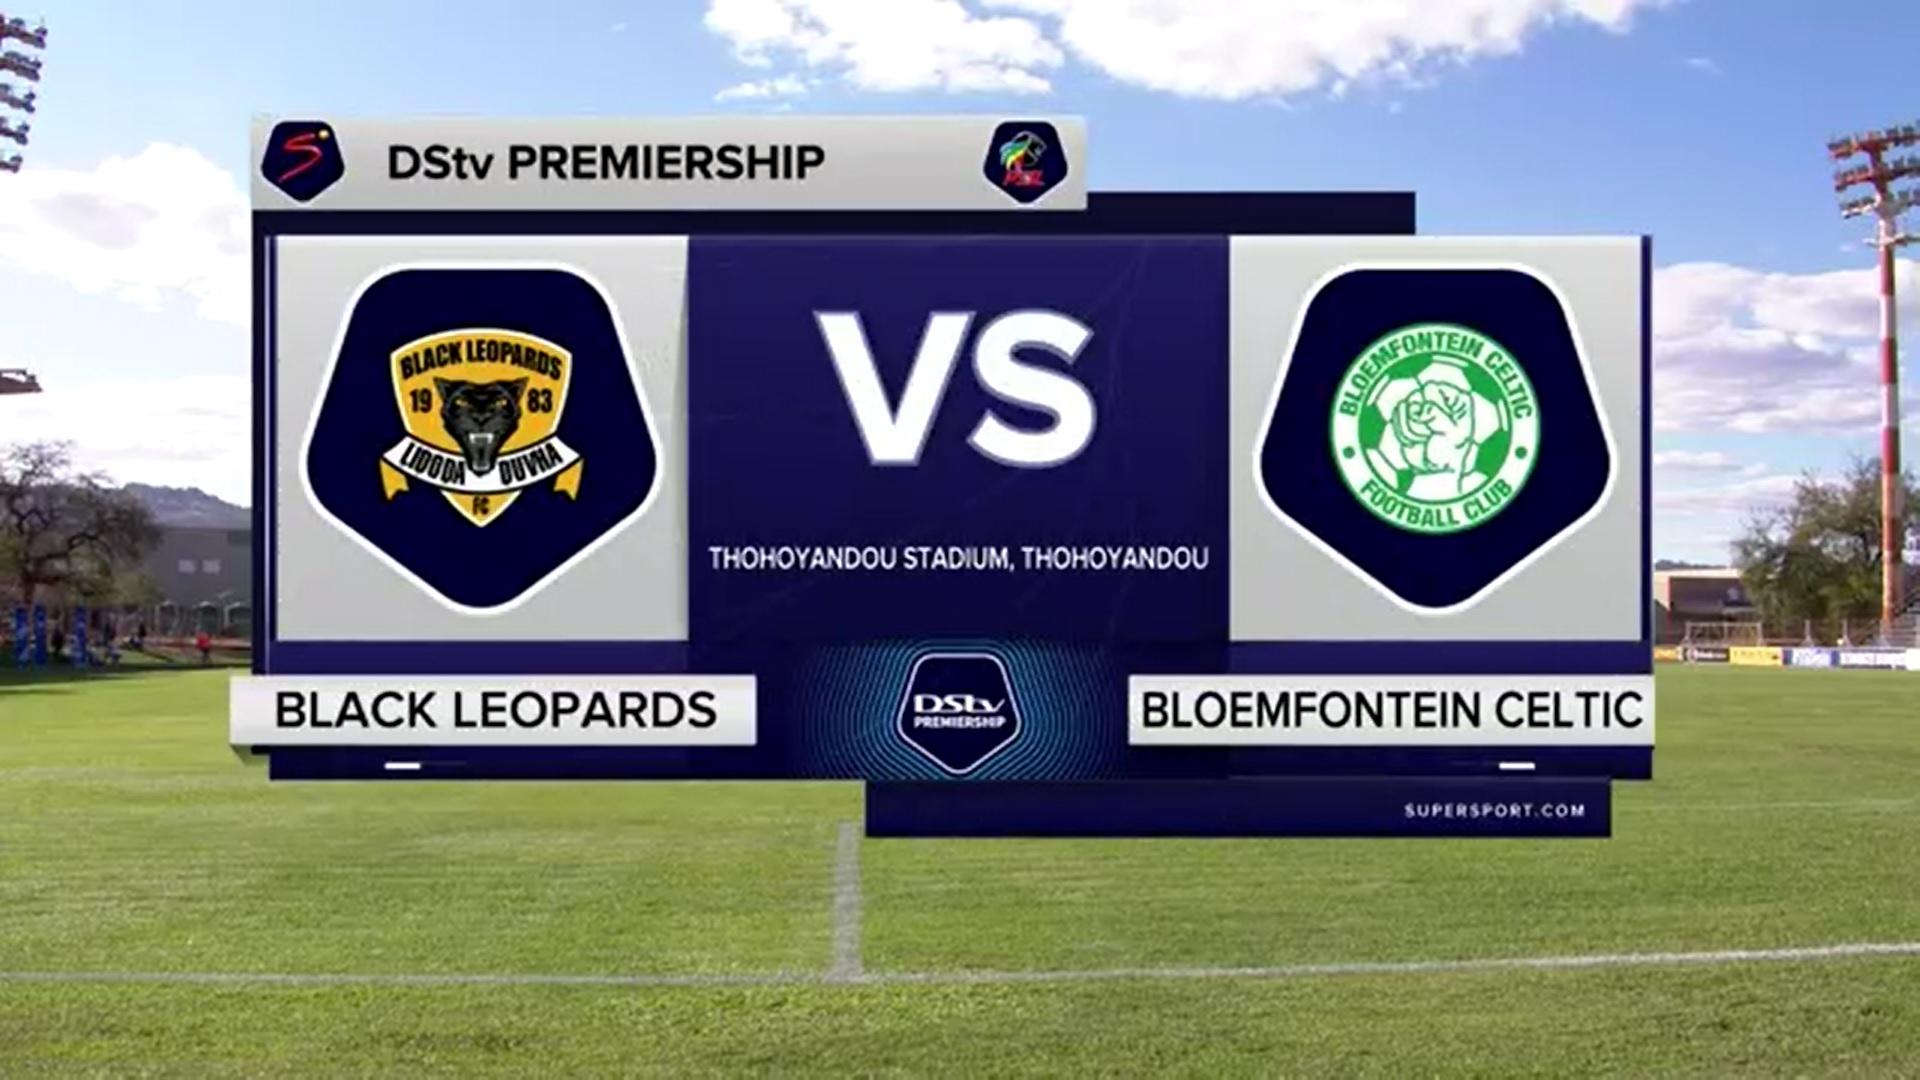 DStv Premiership | Black Leopards v Bloemfontein Celtic | Highlights